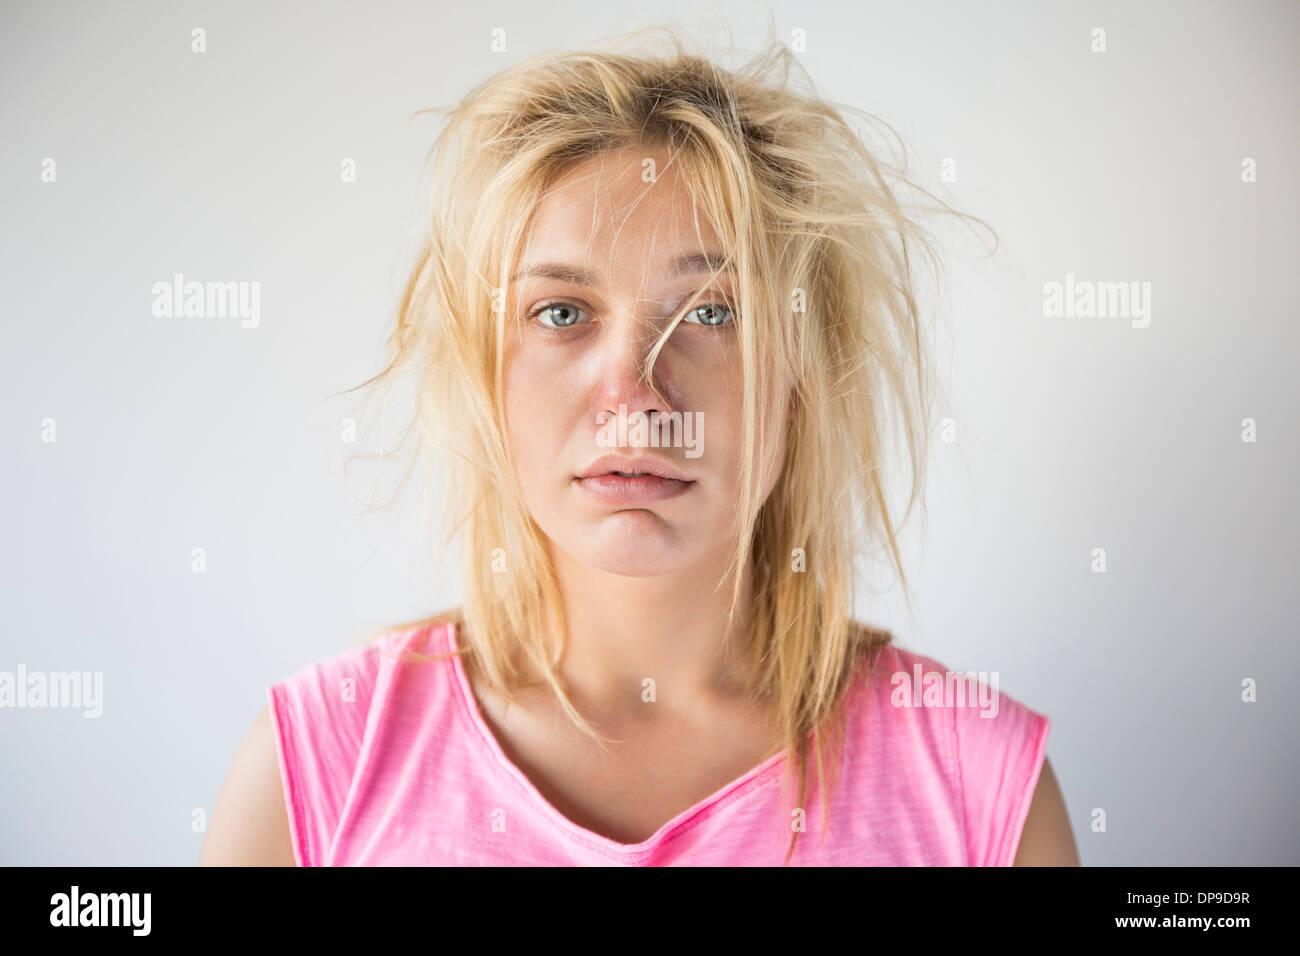 Porträt von frustrierten Frau leidet kalten grauen Hintergrund Stockbild